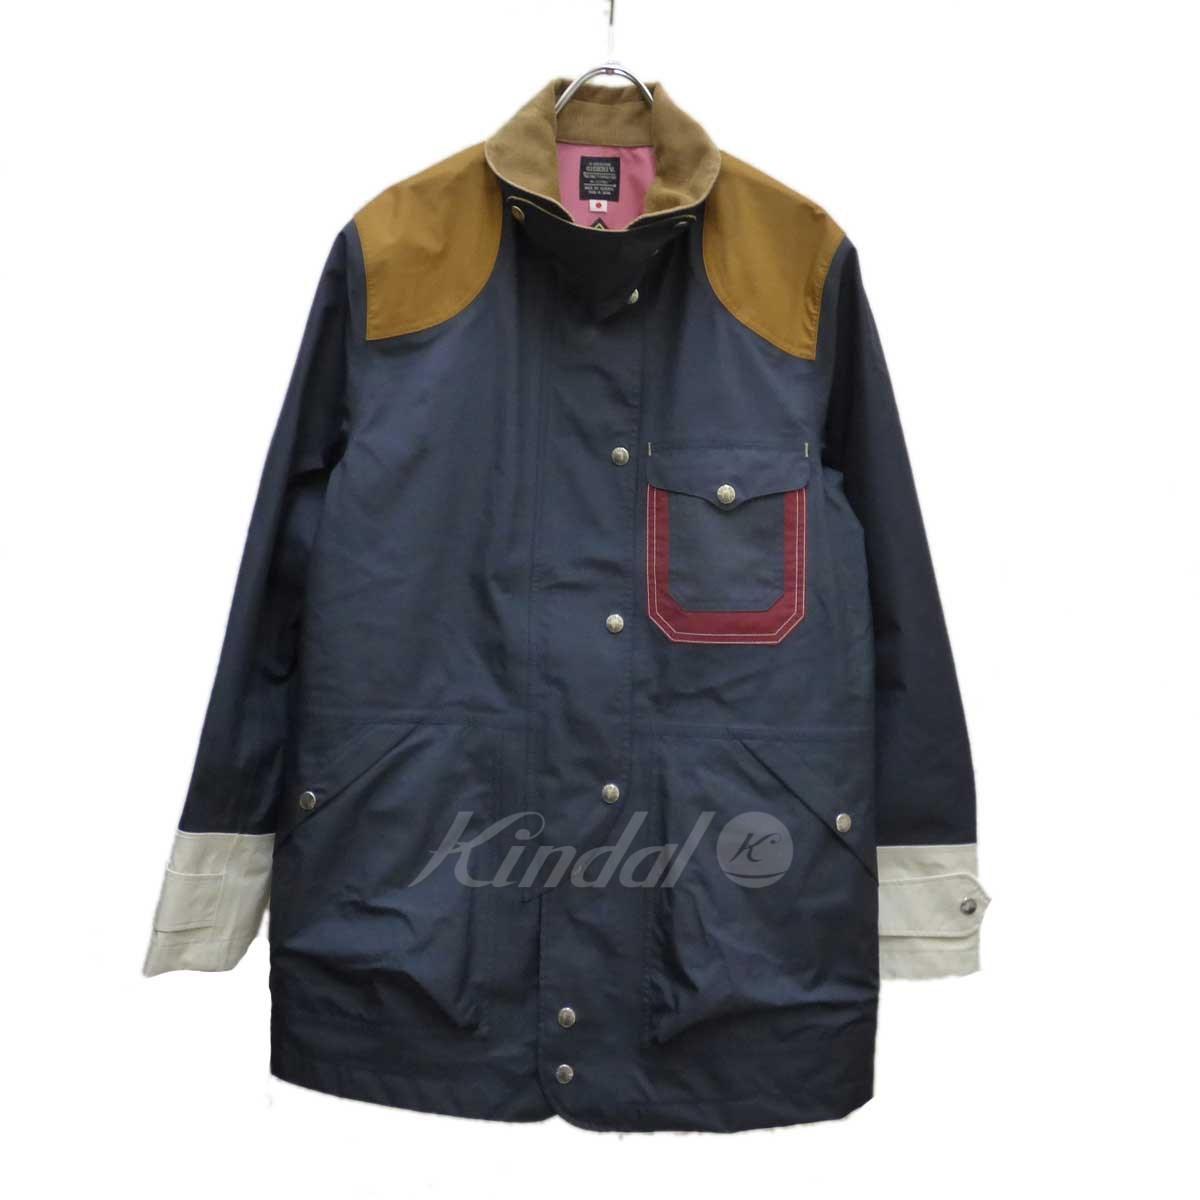 【中古】02DERIV. GORE-TEX FIREMAN JKT ジャケット 【送料無料】 【189588】 【KIND1551】